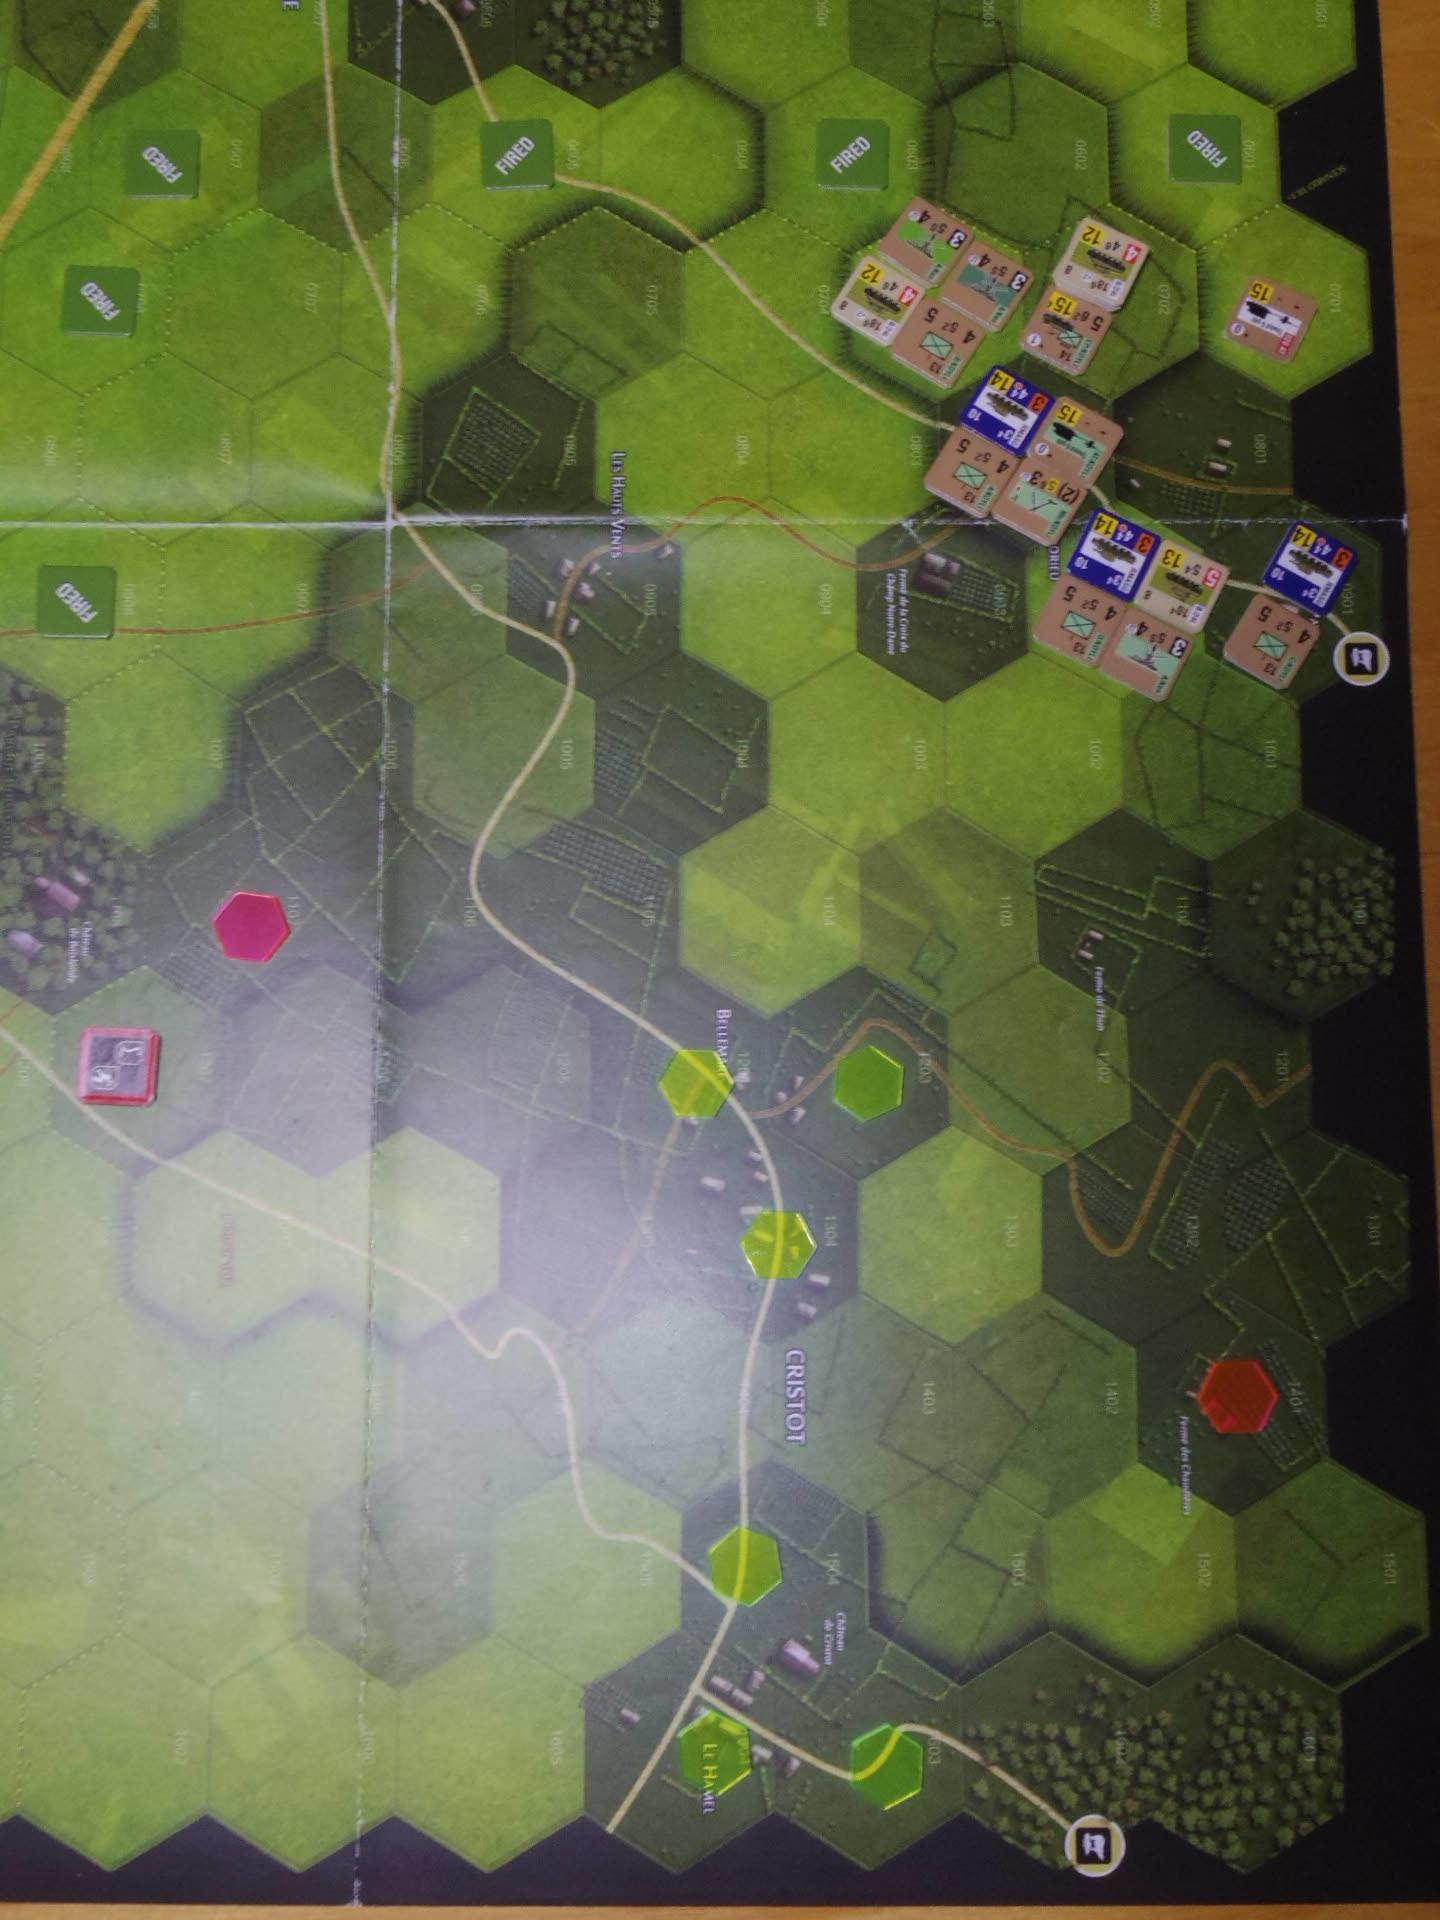 (GMT)ドーントレス作戦:練習シナリオ3「Recon Roundup(偵察の仕上げ)」からシナリオ18.1「Nightmarish Crossroad(悪夢のクロスロード)」その㈠_b0173672_01191057.jpg